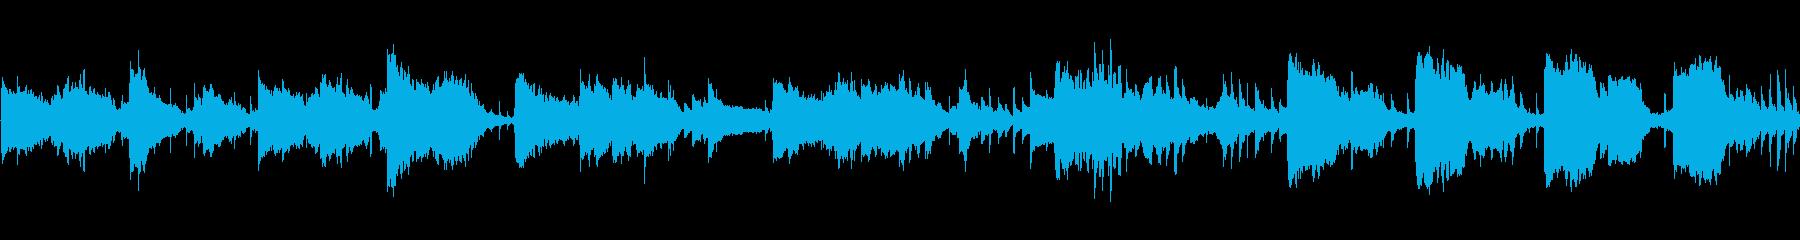 動画 フルート アコースティックギ...の再生済みの波形